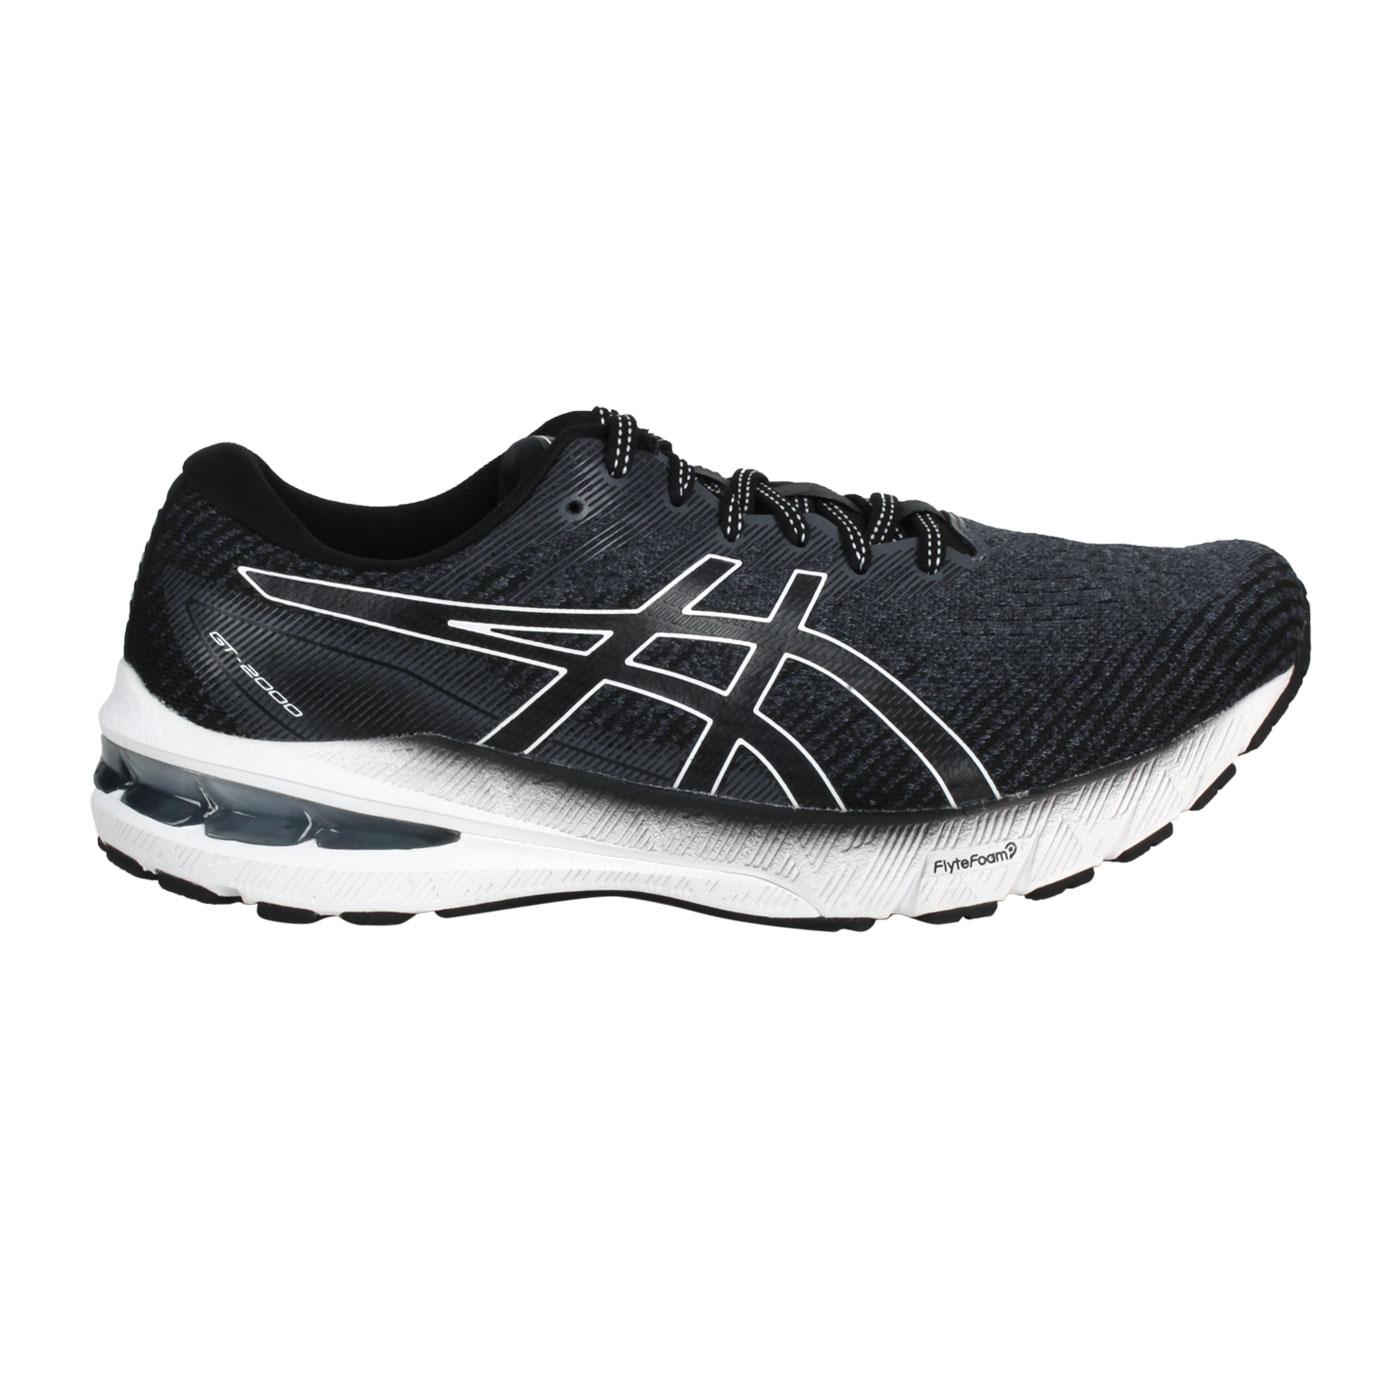 ASICS 男款慢跑鞋-4E  @GT-2000 10@1011B184-002 - 黑灰白